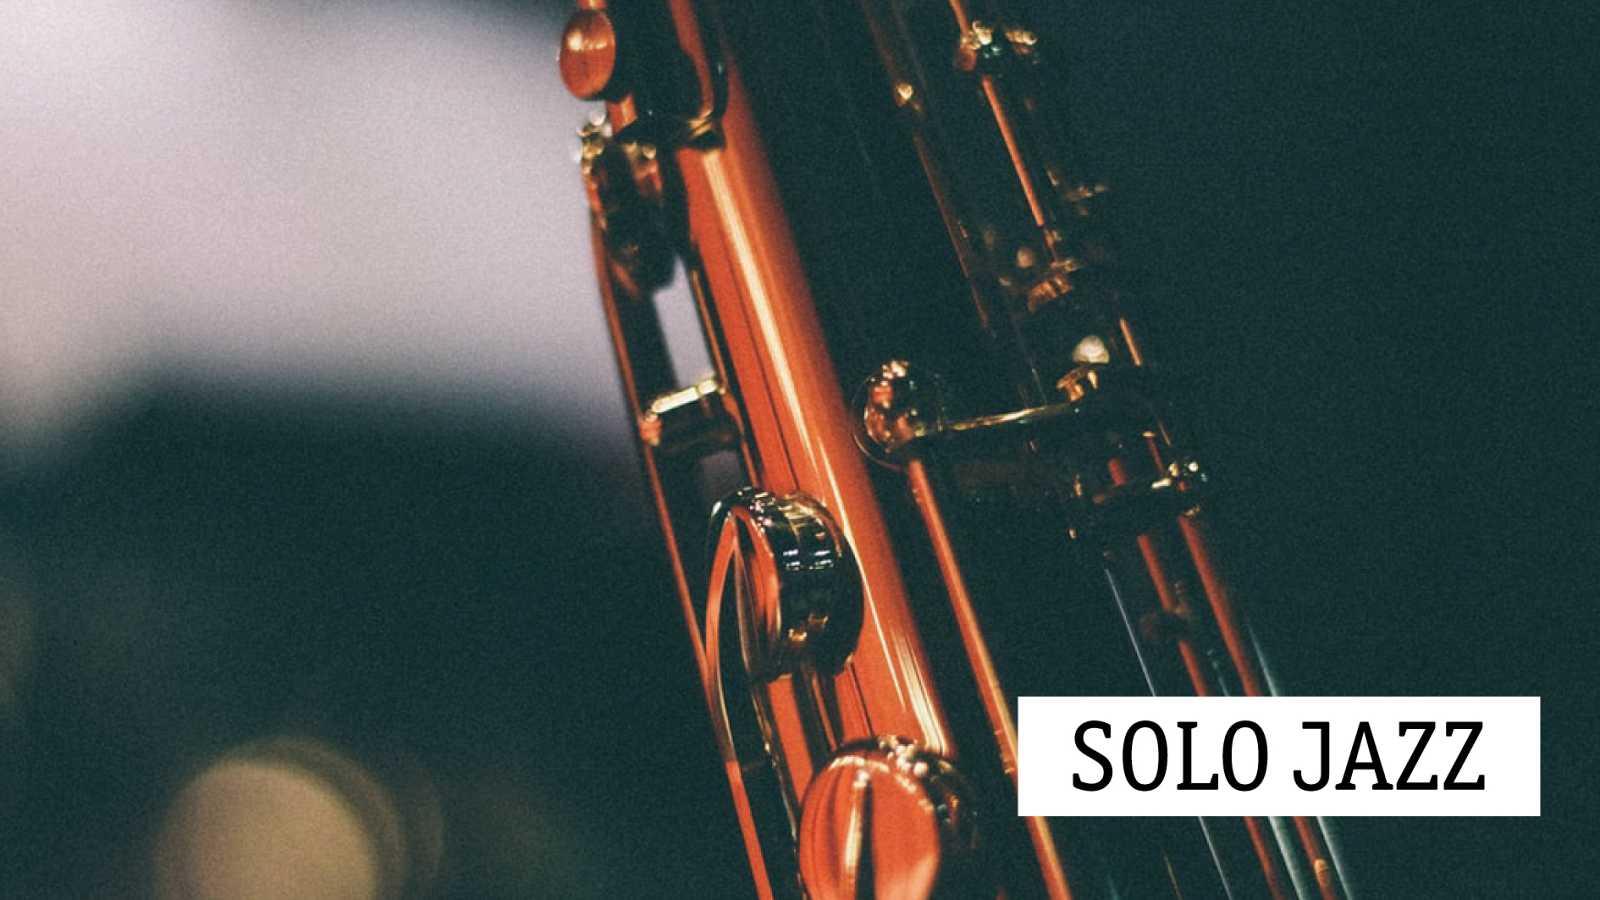 Solo jazz - Bill Evans en el Village Vanguard, 1961 (II) - 22/05/20 - escuchar ahora